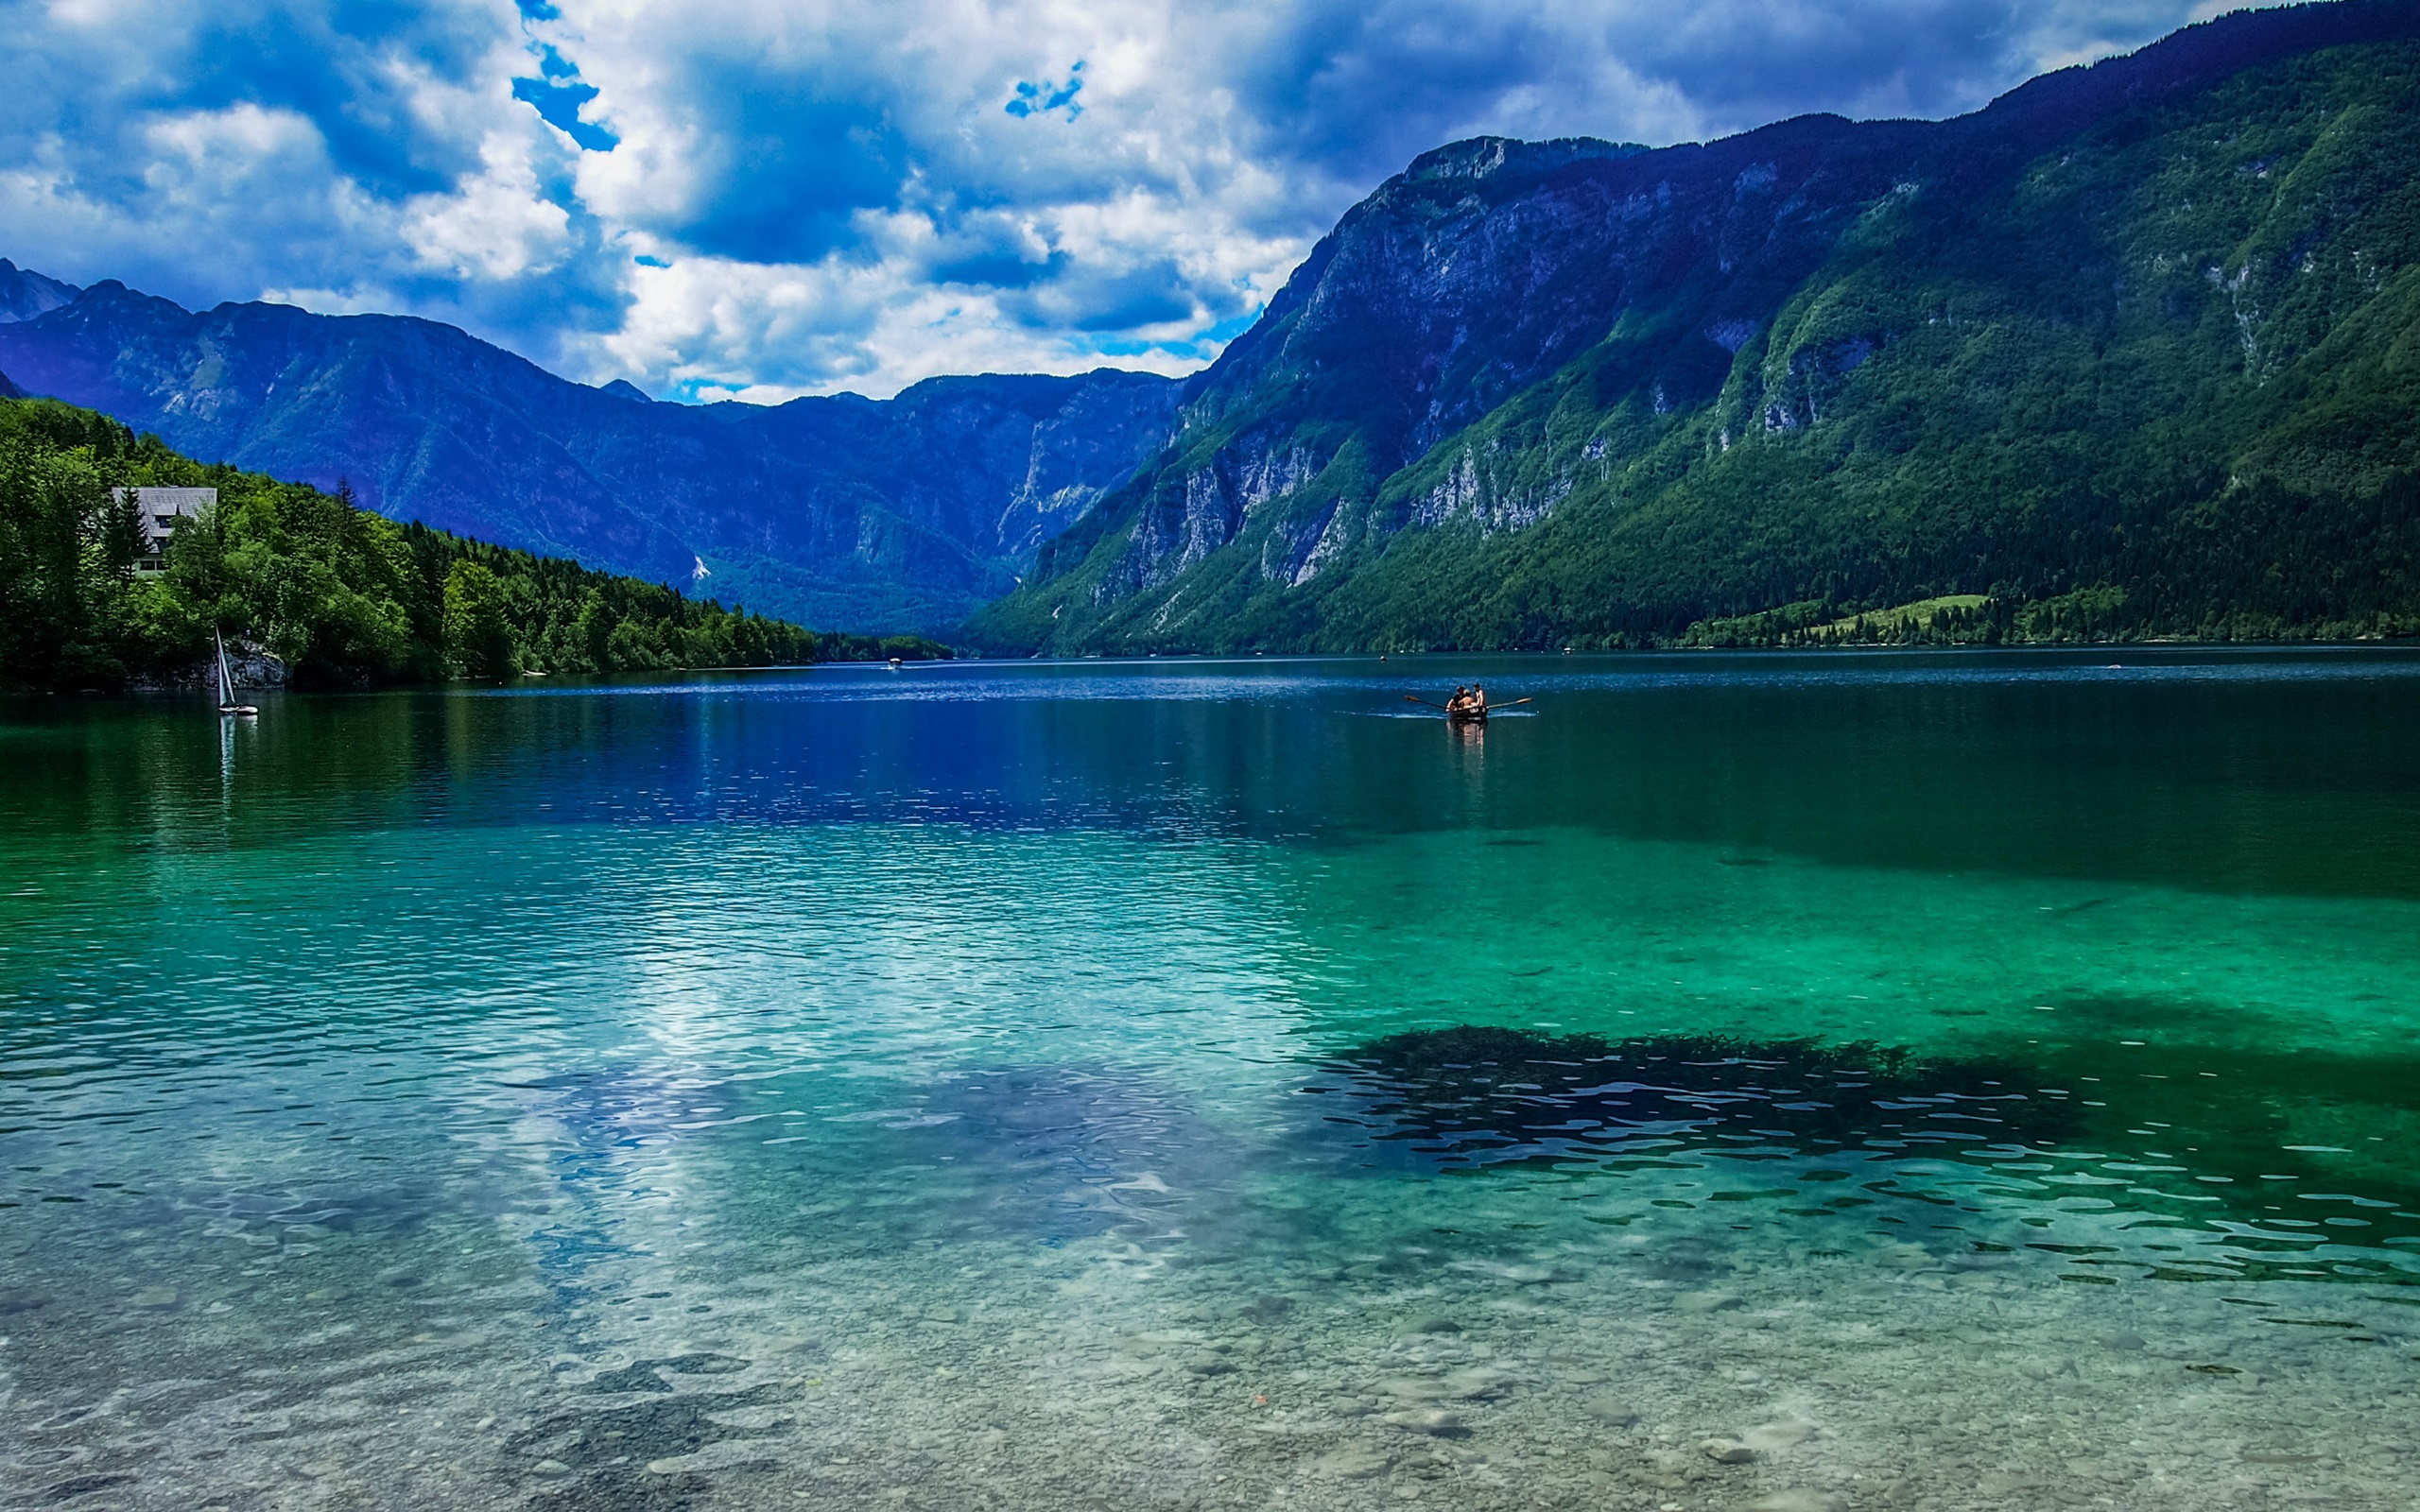 Голубое озеро в горах  № 2798894 без смс